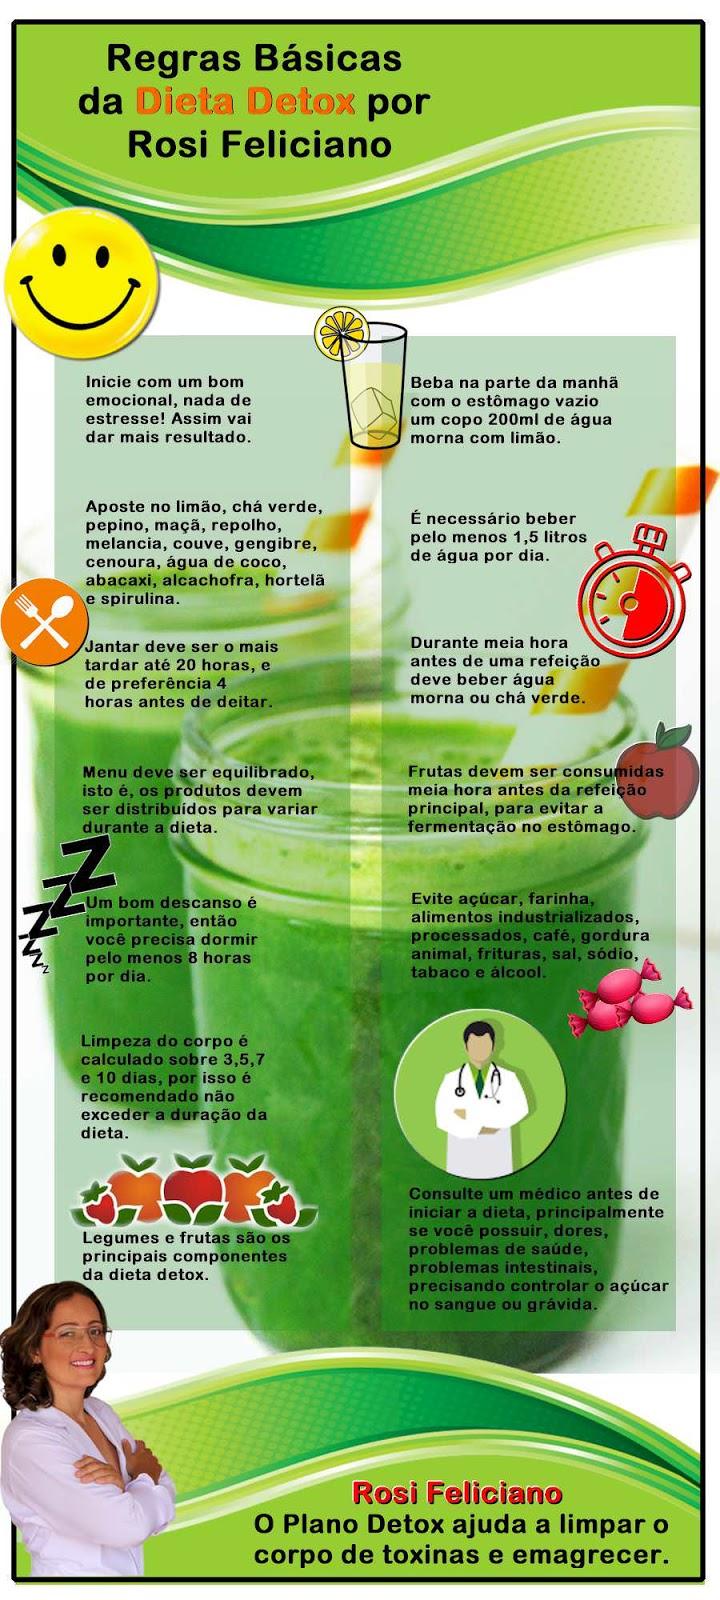 Dieta Detox, cardápio detox, receitas detox, rosimeire feliciano